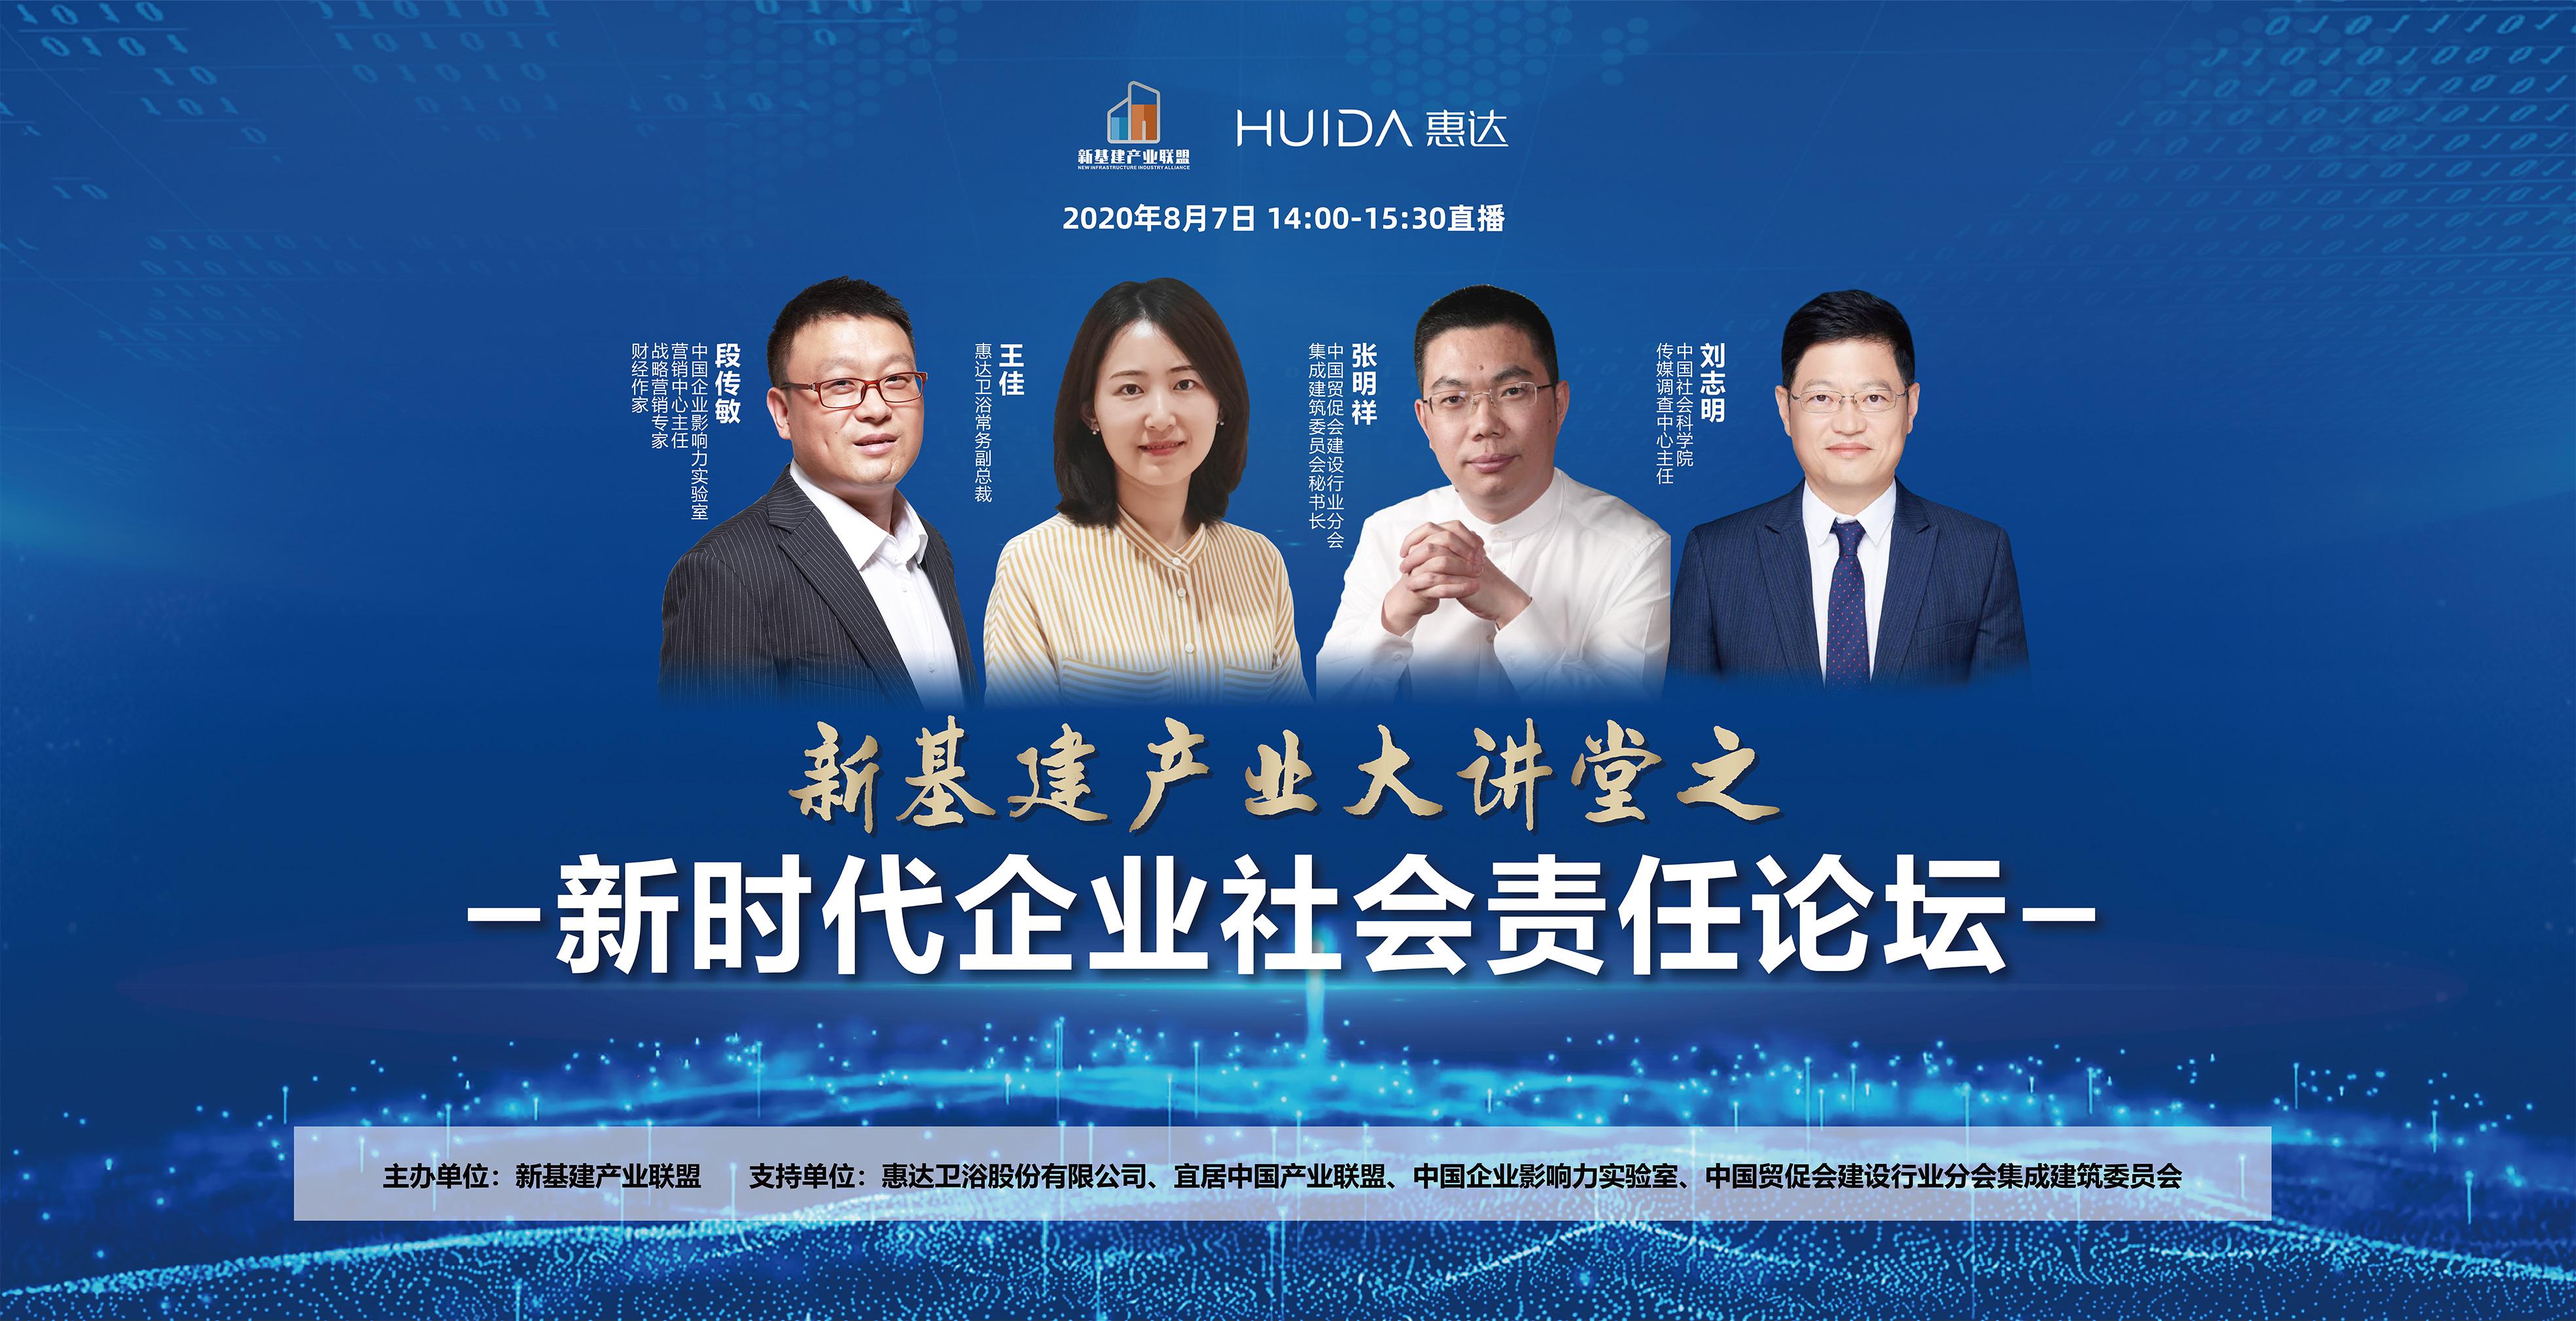 惠达·新基建厕所革命研究院正式启动!